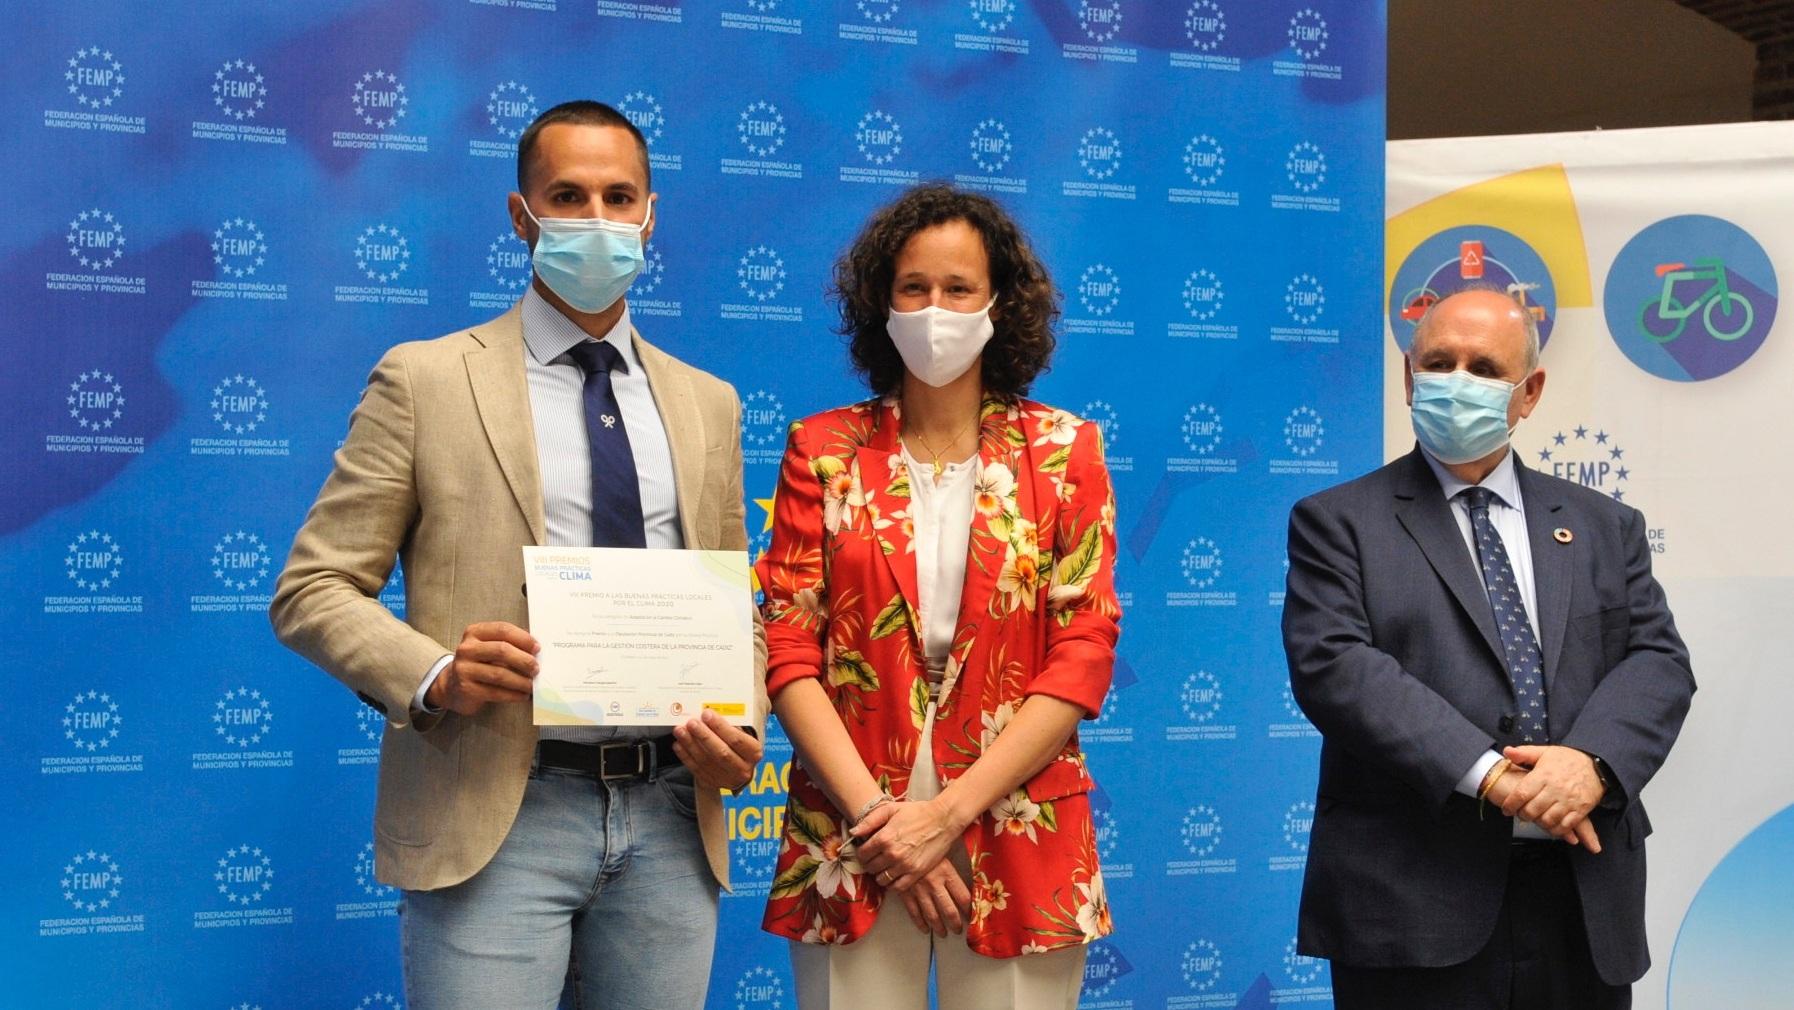 La FEMP premia a la Diputación de Cádiz por su programa para la gestión costera